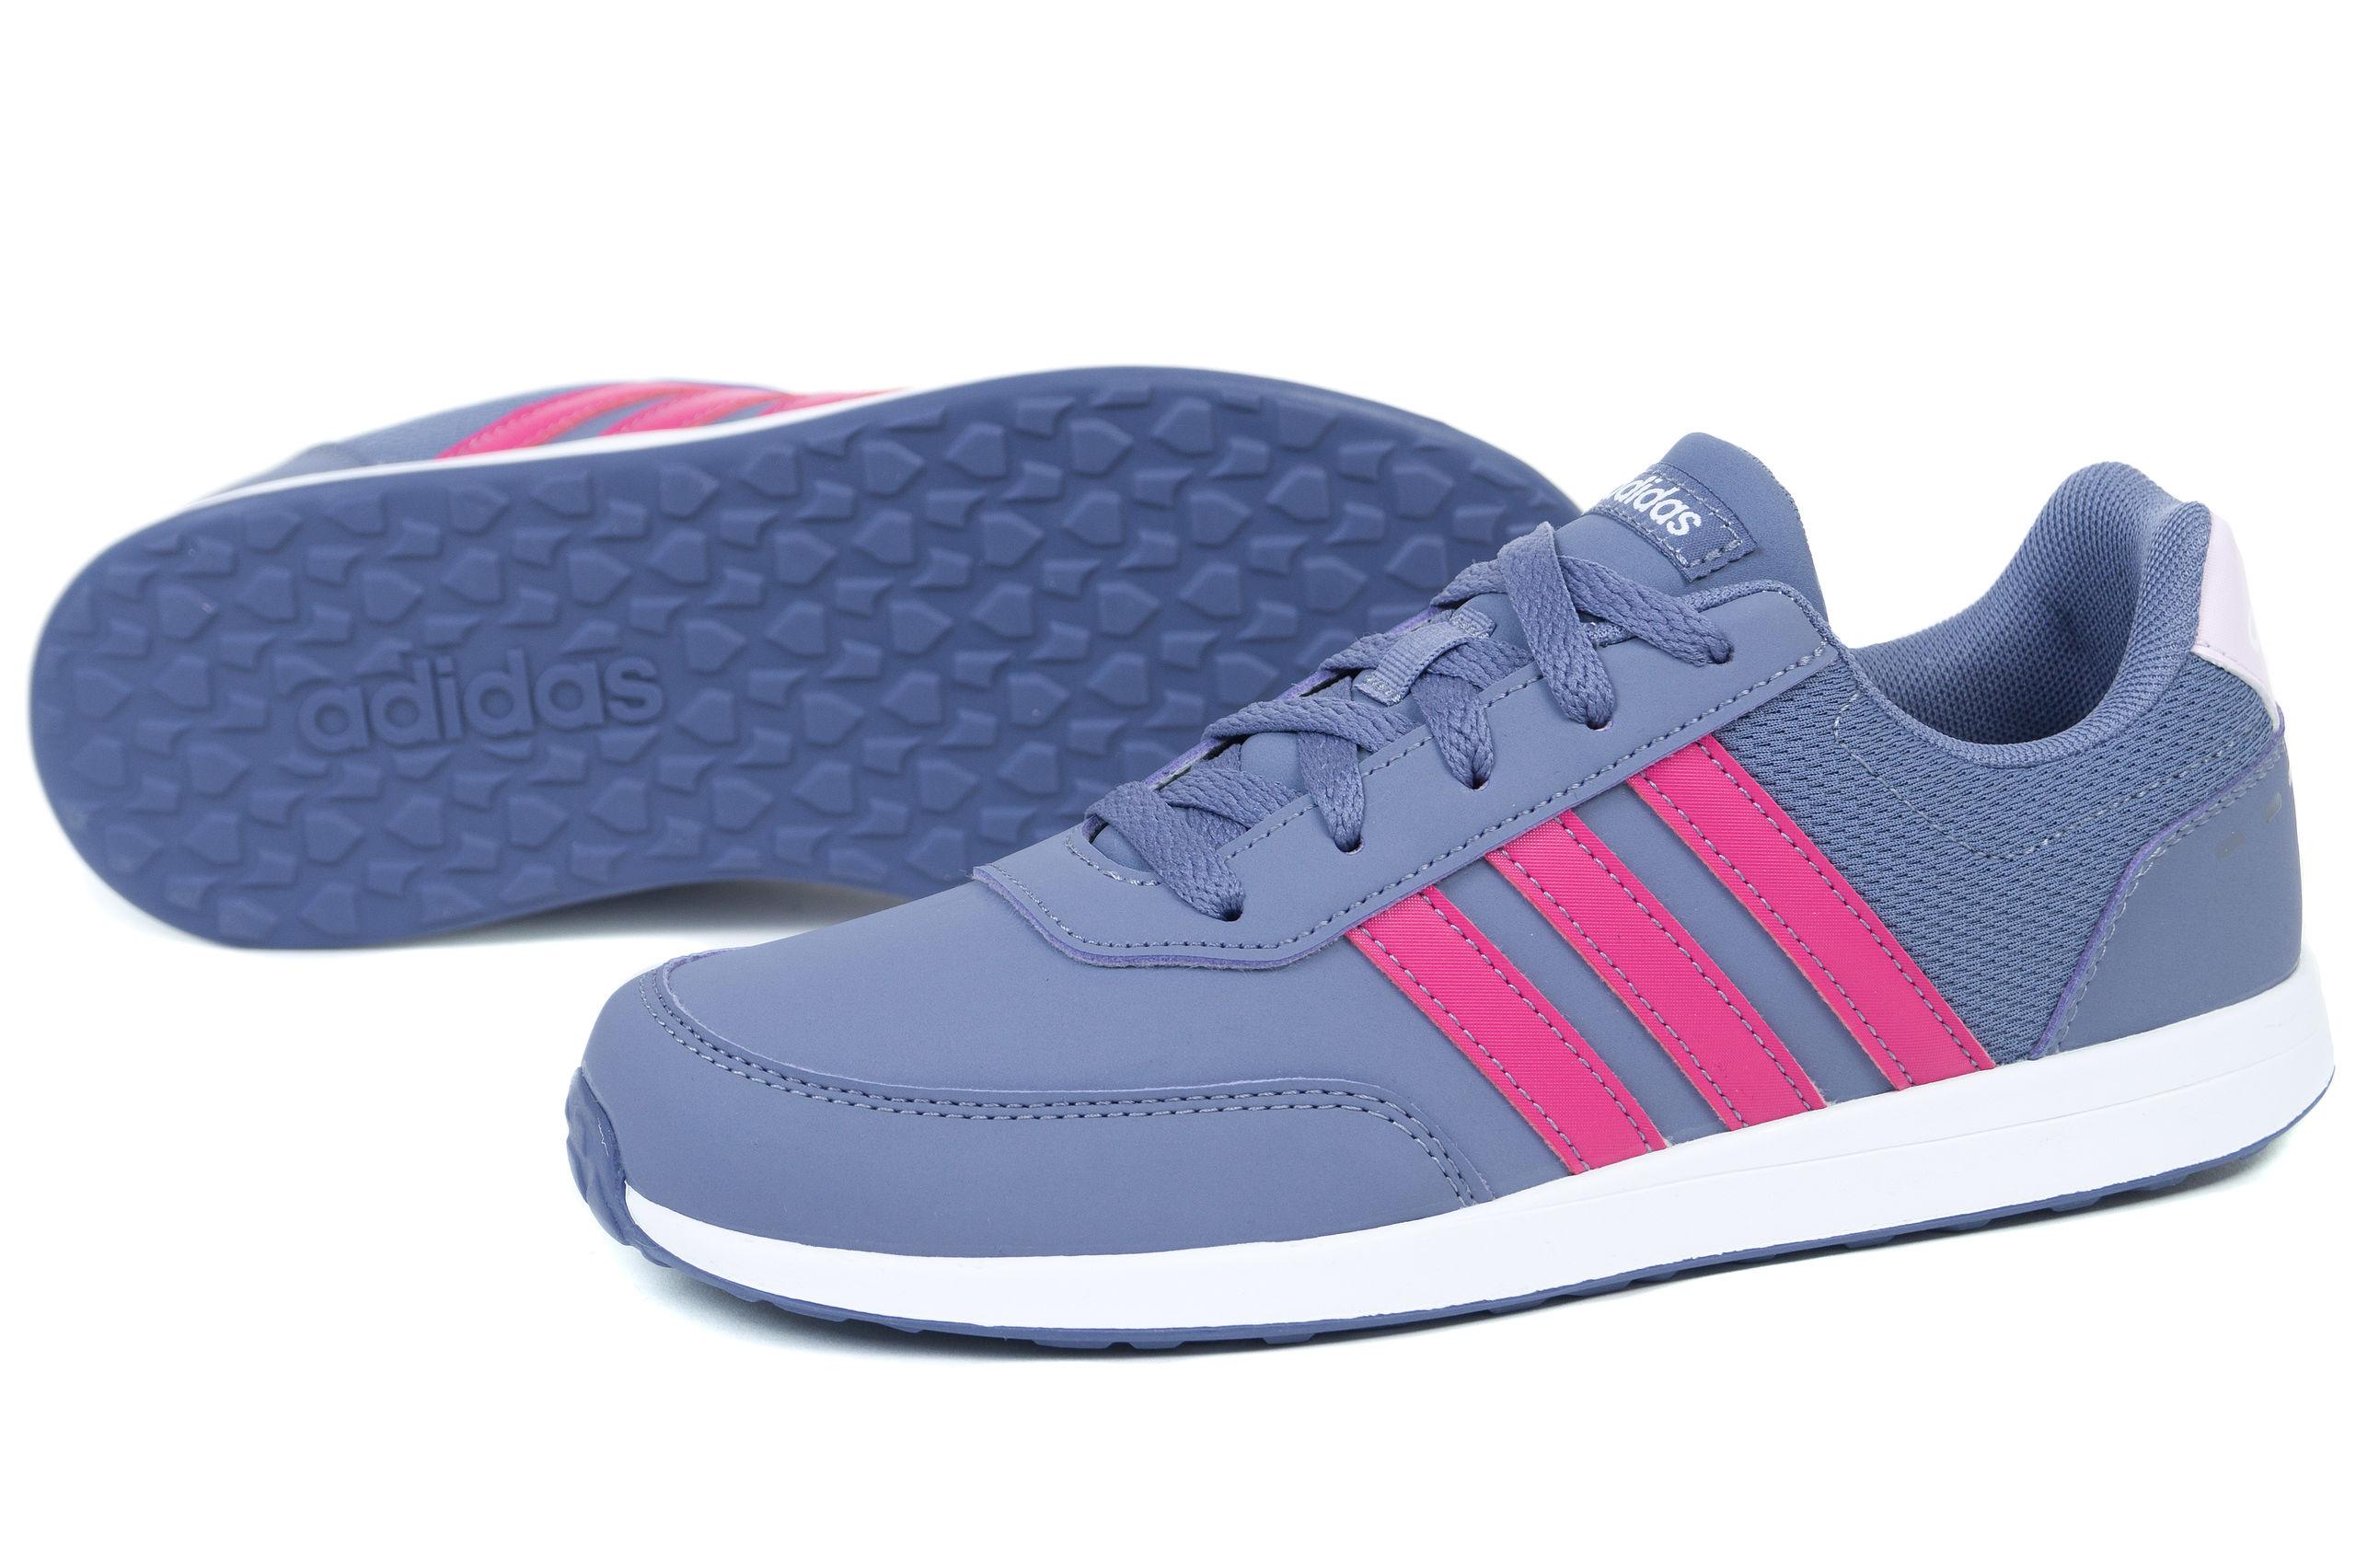 Buty Adidas Damskie Vs Switch 2 K G26873 Fioletowe